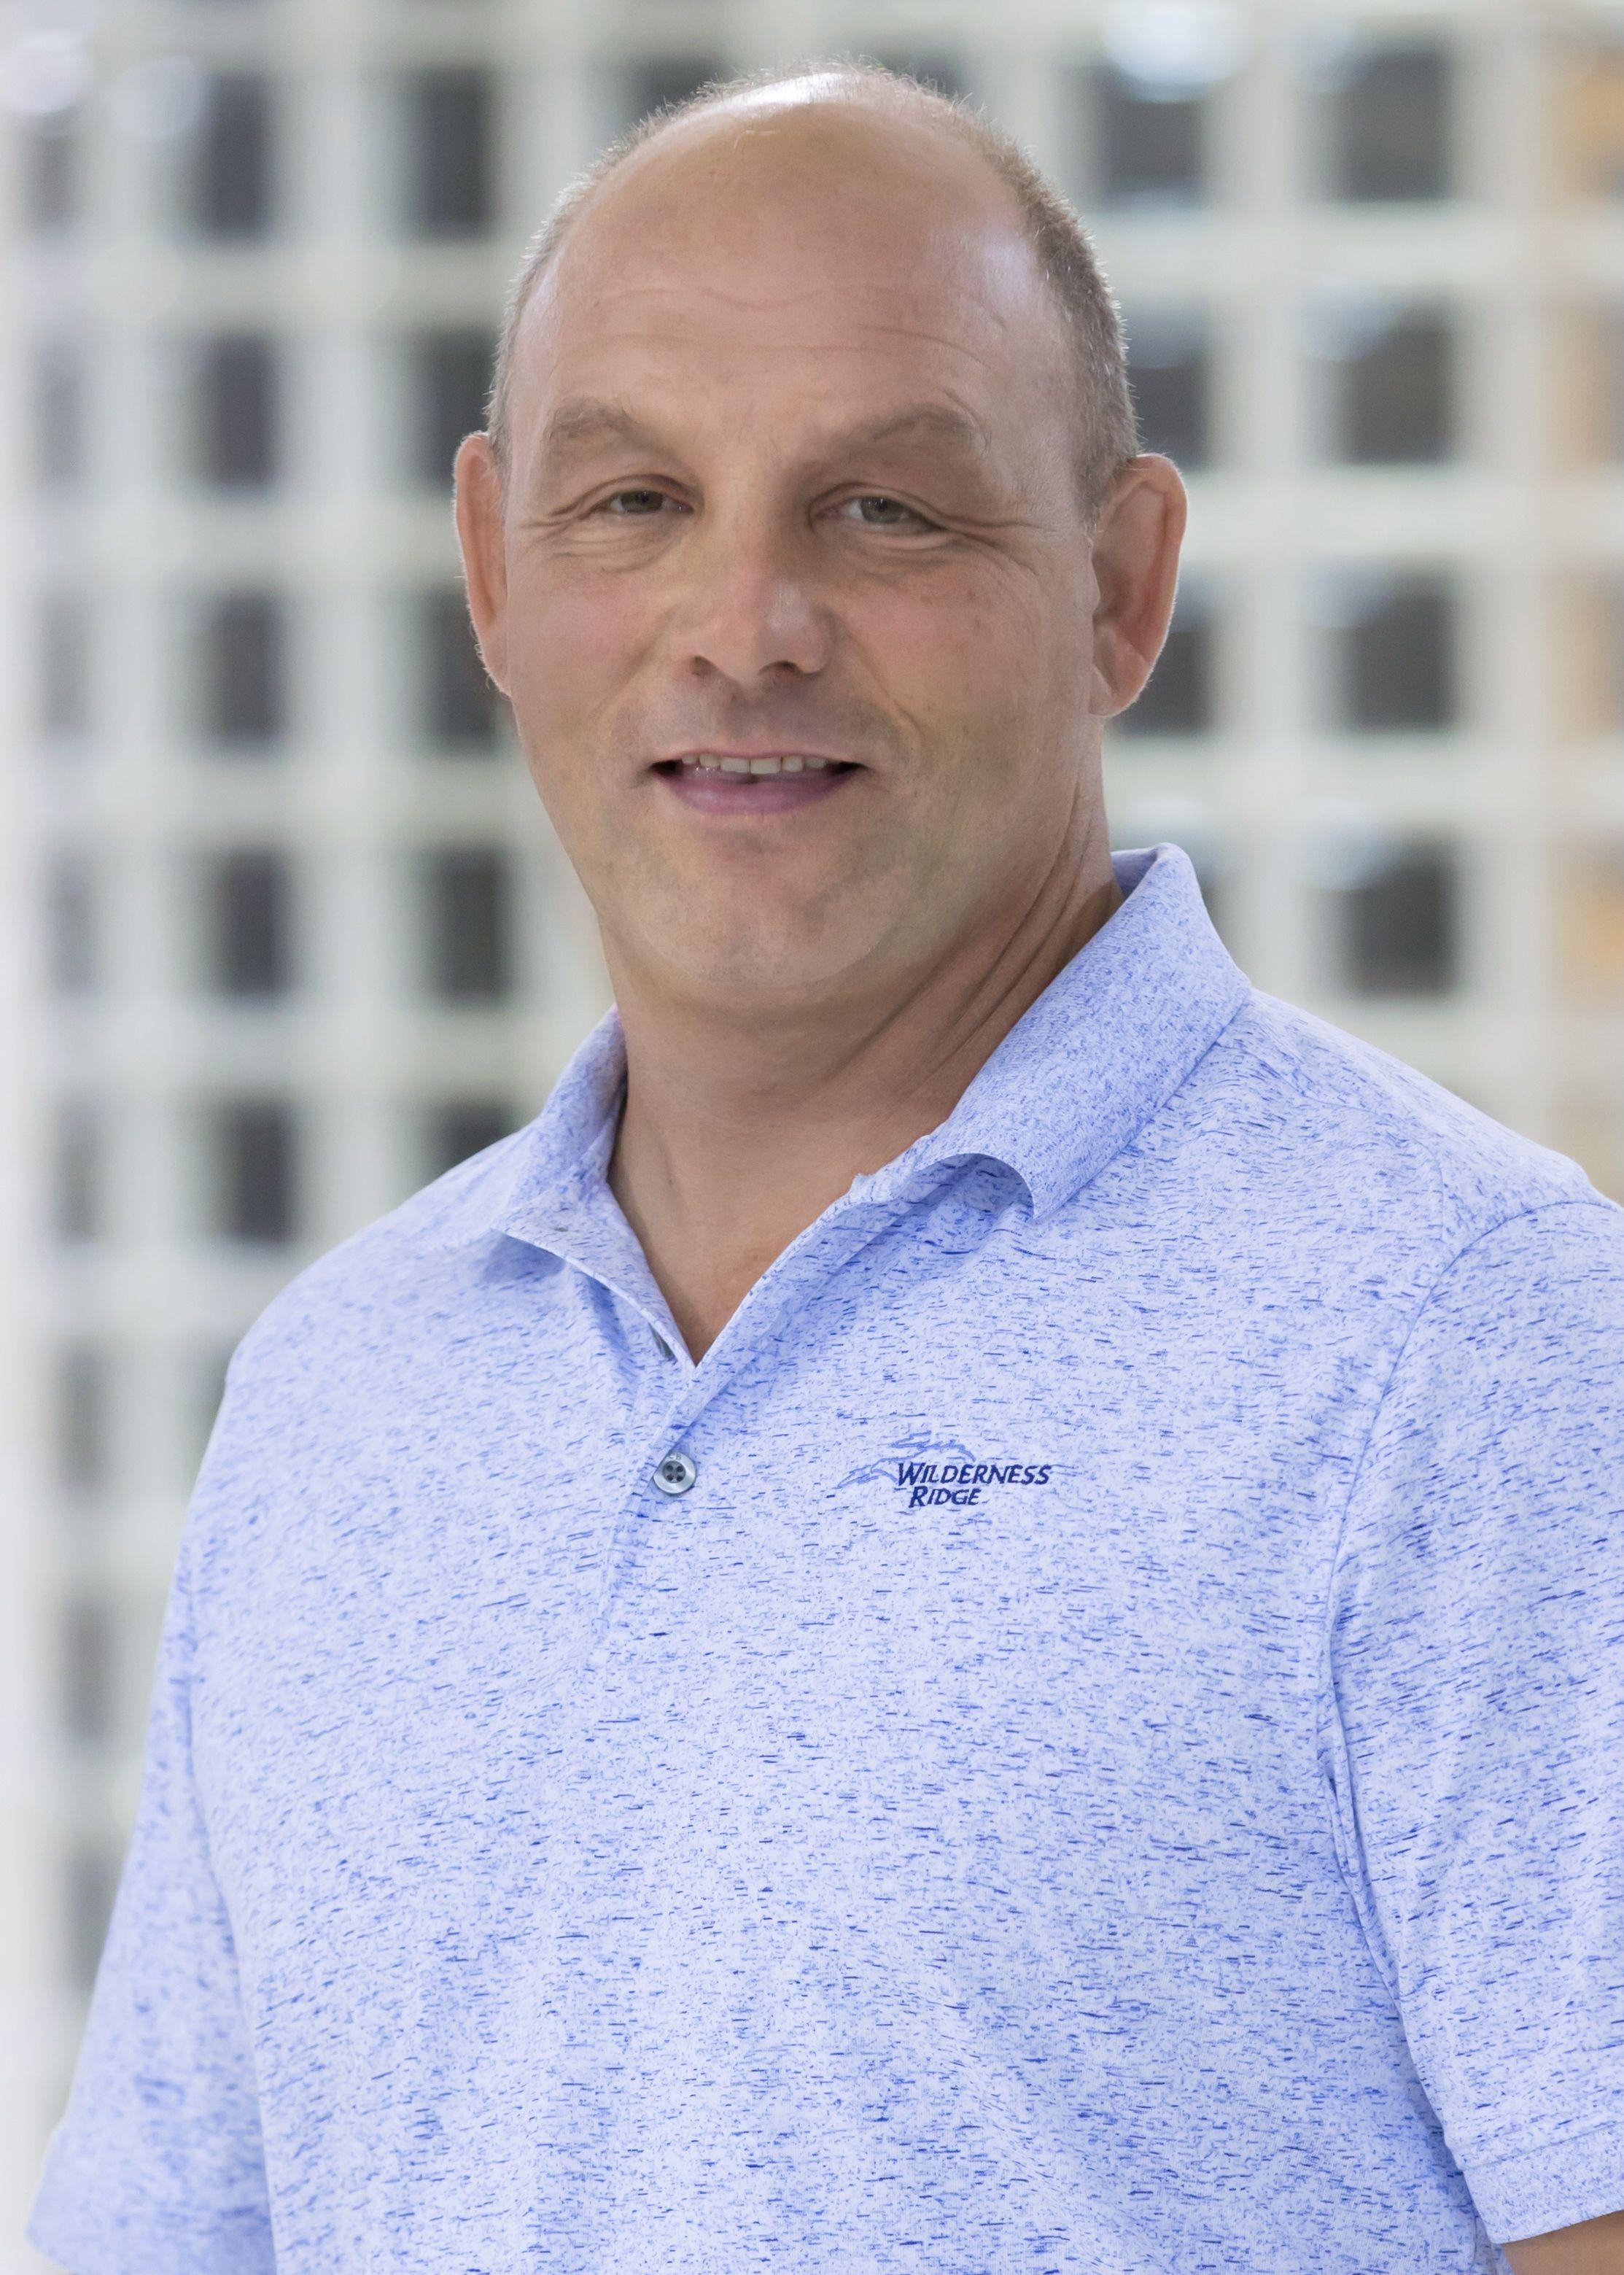 Doug Evans